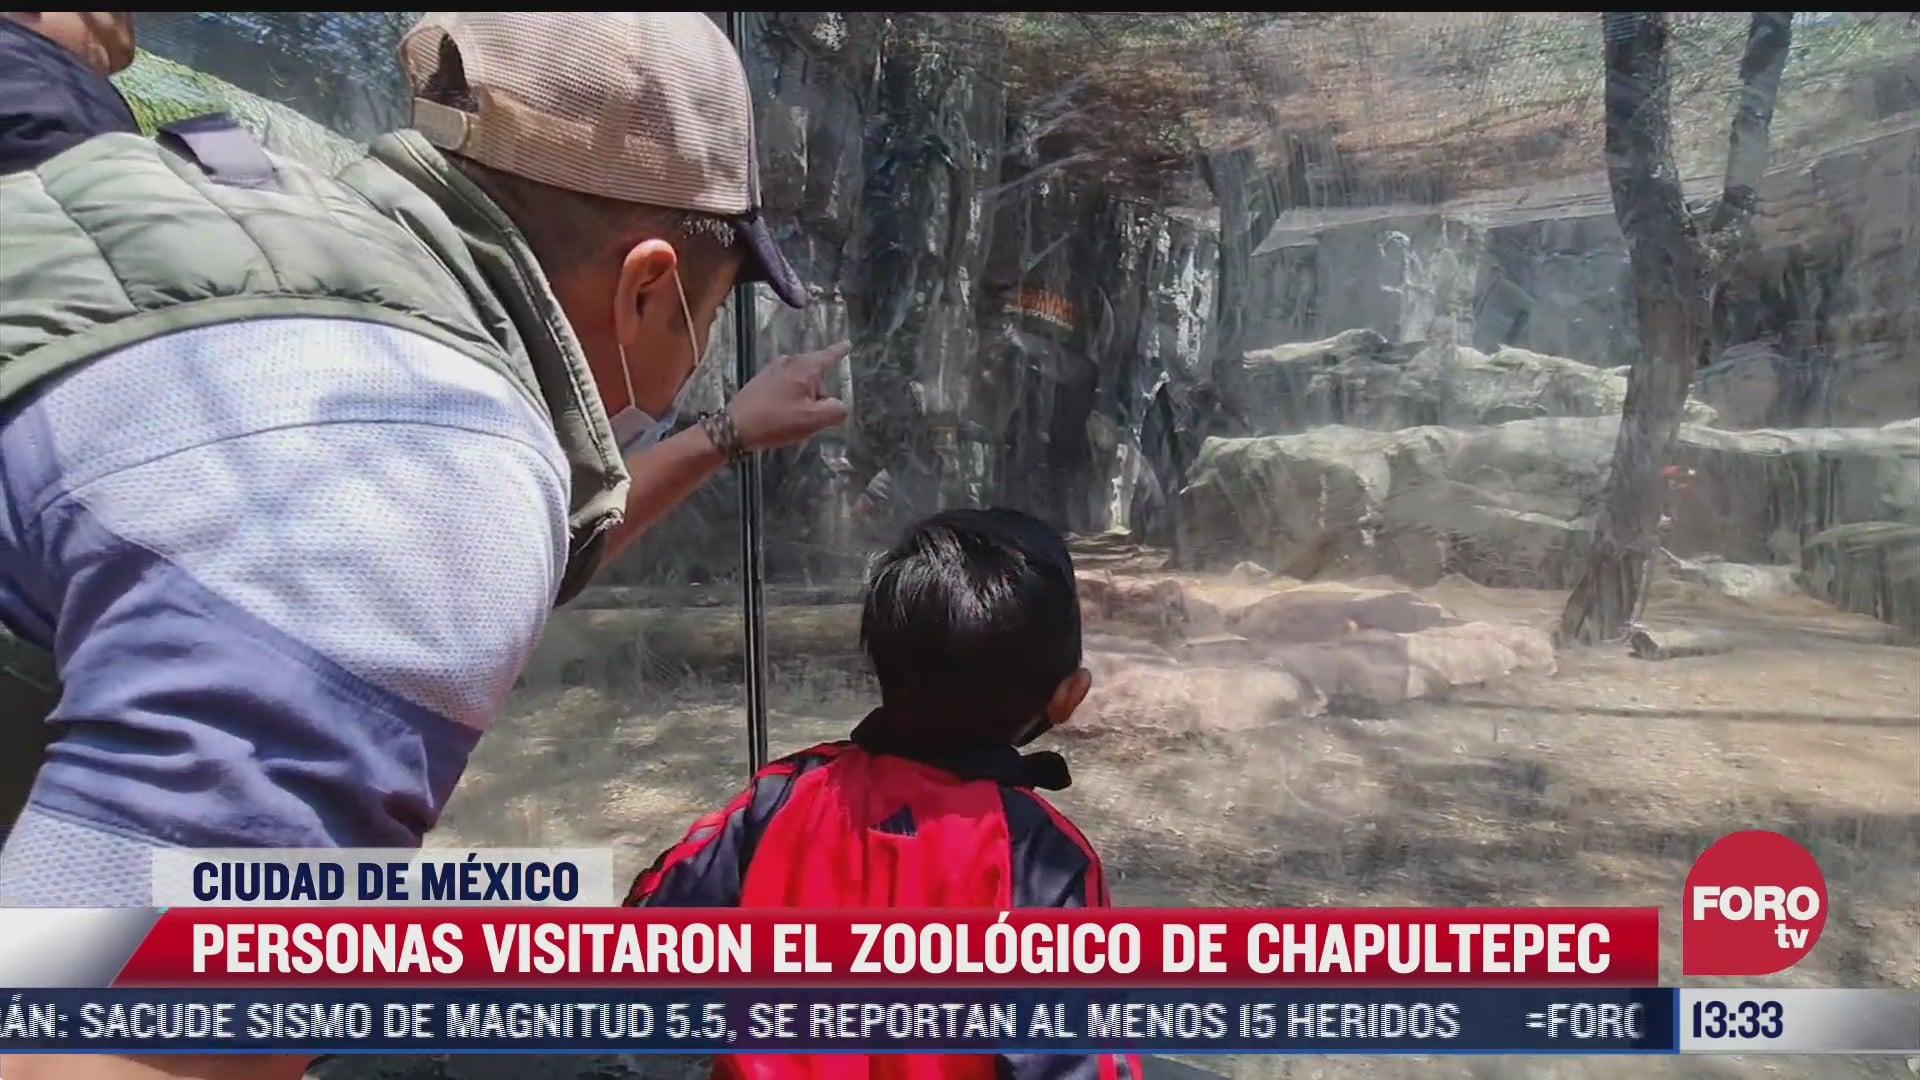 cientos de personas acuden a visitar el zoologico de chapultepec